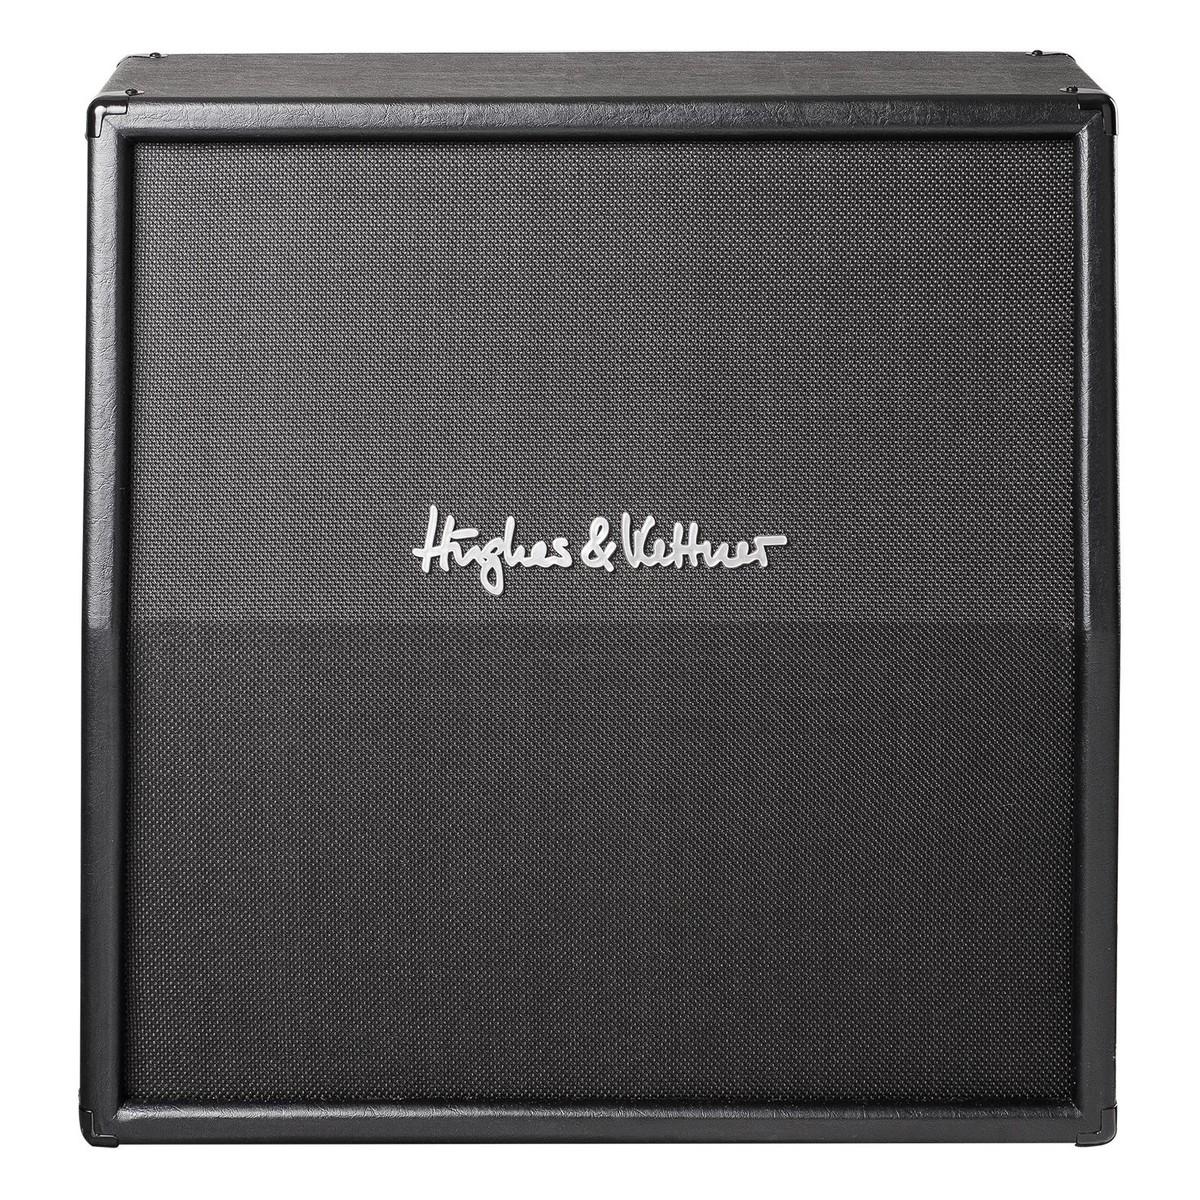 Hughes Kettner Tc 412 A60 Cabinet 4x12